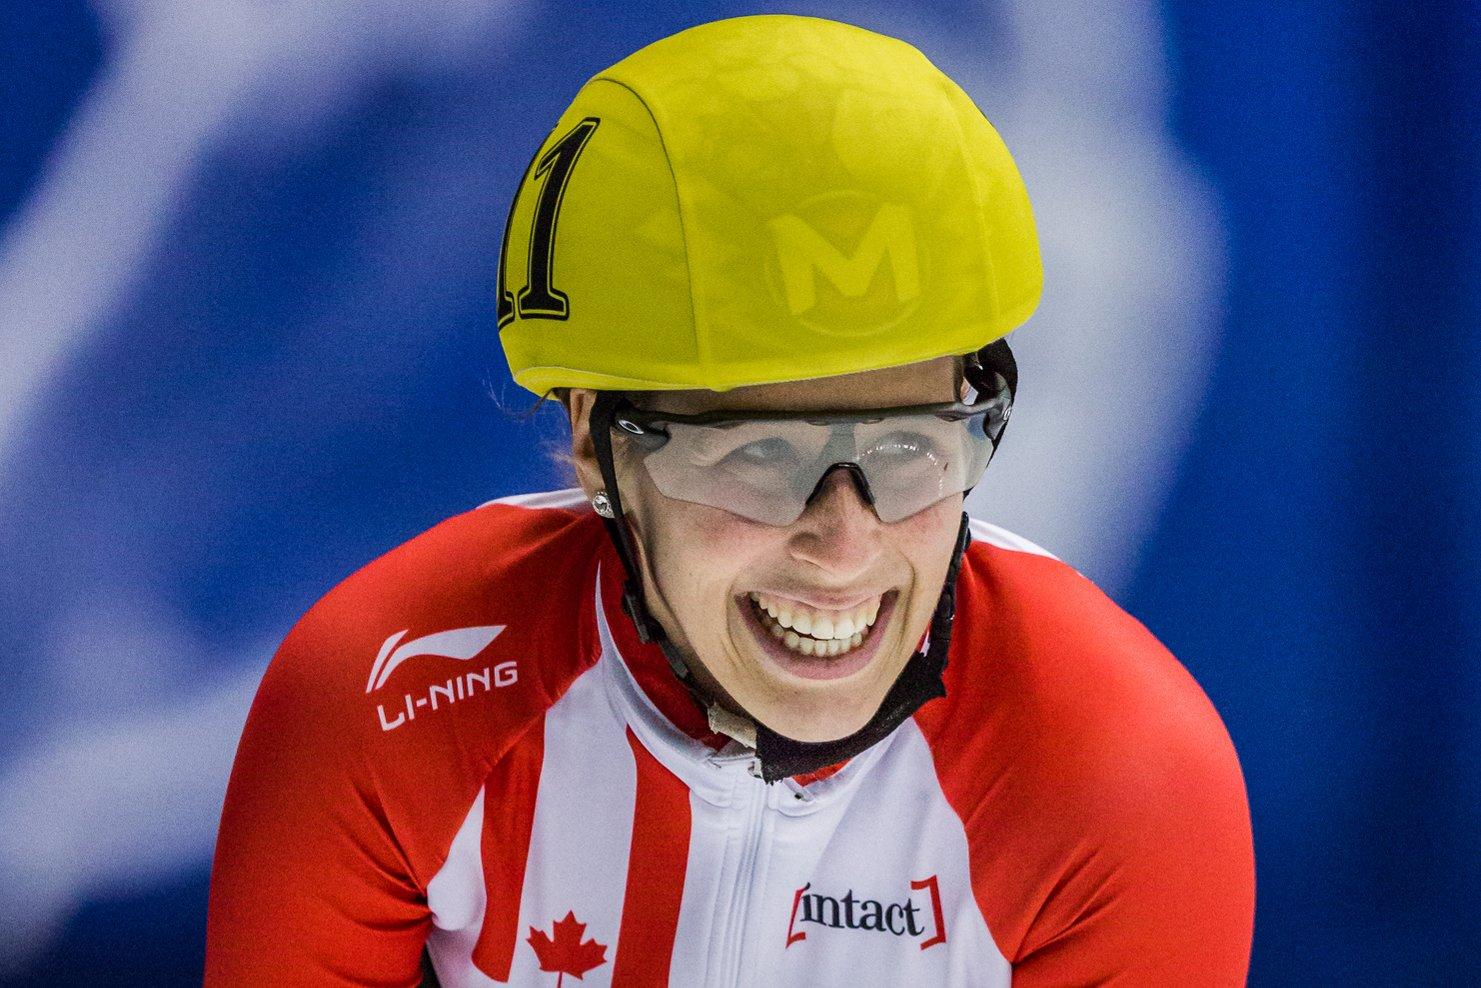 Marianne St-Gelais sera de passage à Saguenay et à St-Félicien les 4 et 5 septembre pour inspirer les plus jeunes.